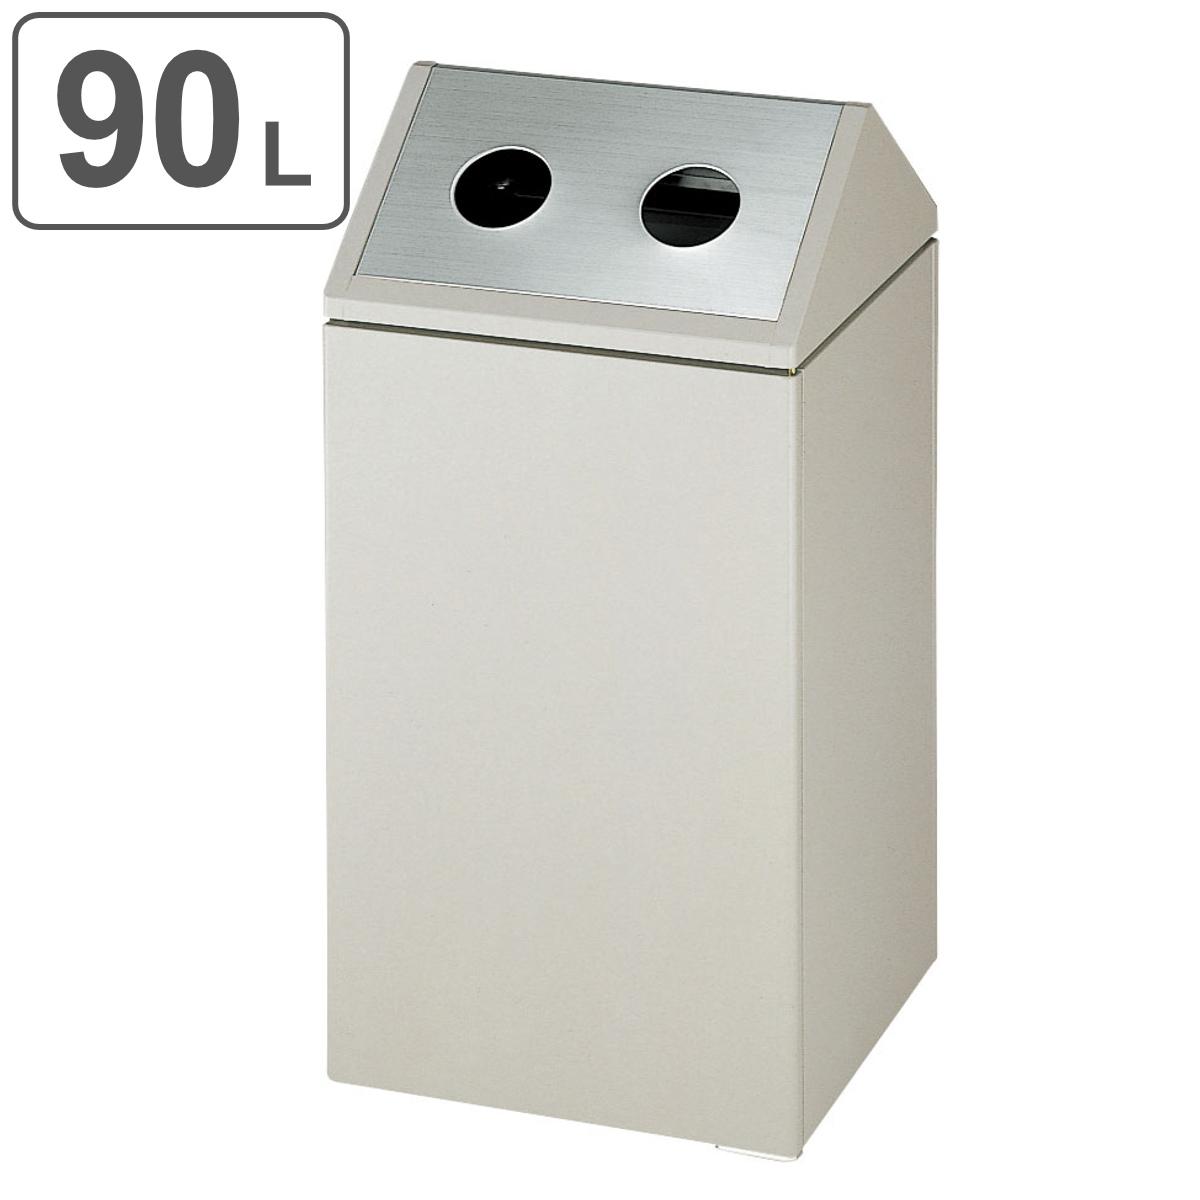 ゴミ箱 ダストボックス SG K-500 L2 送料無料